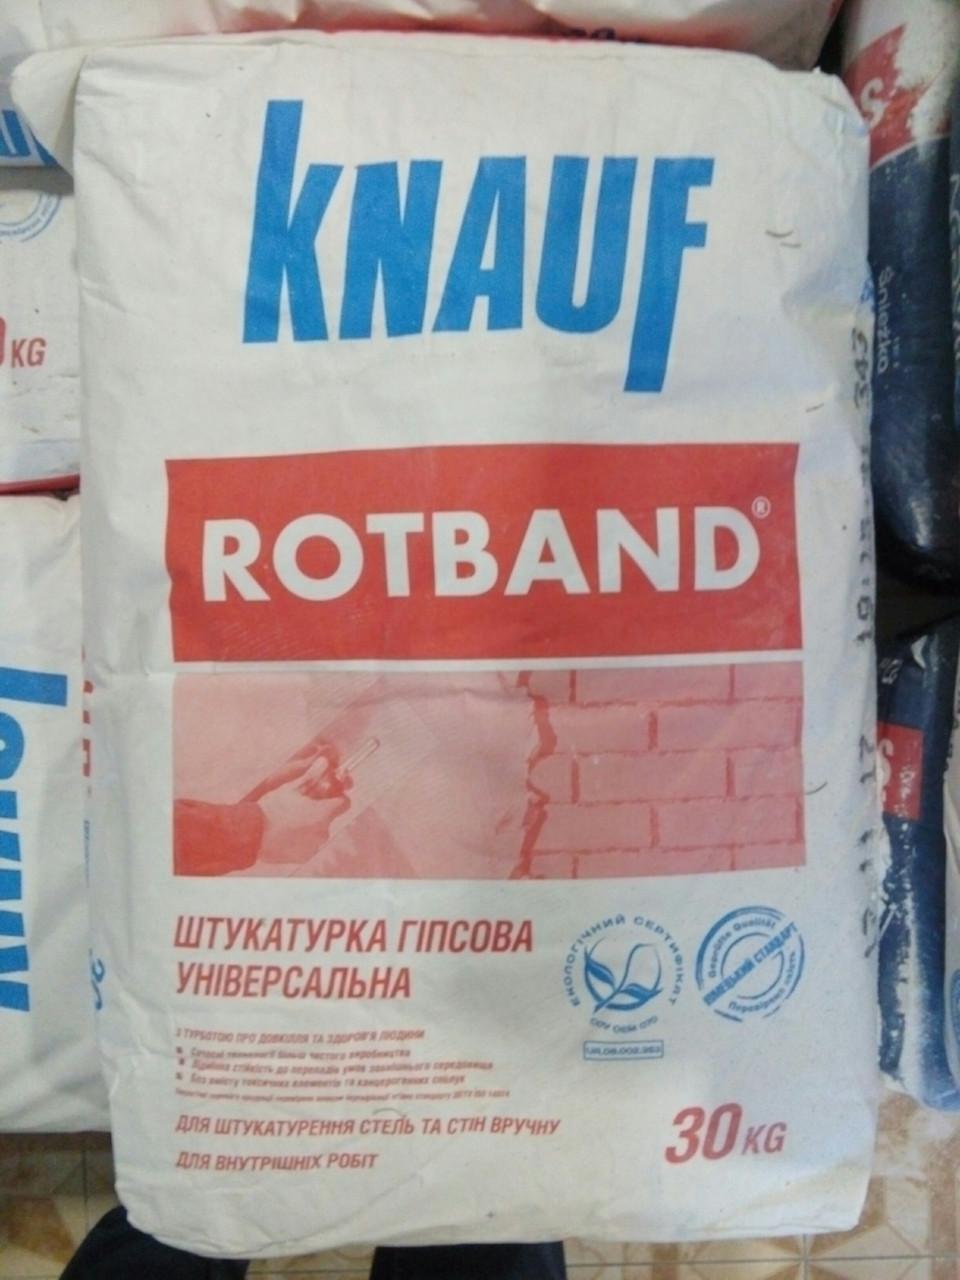 Штукатурка гипсовая универсальная knauf rotband 30кг во Львове, цена